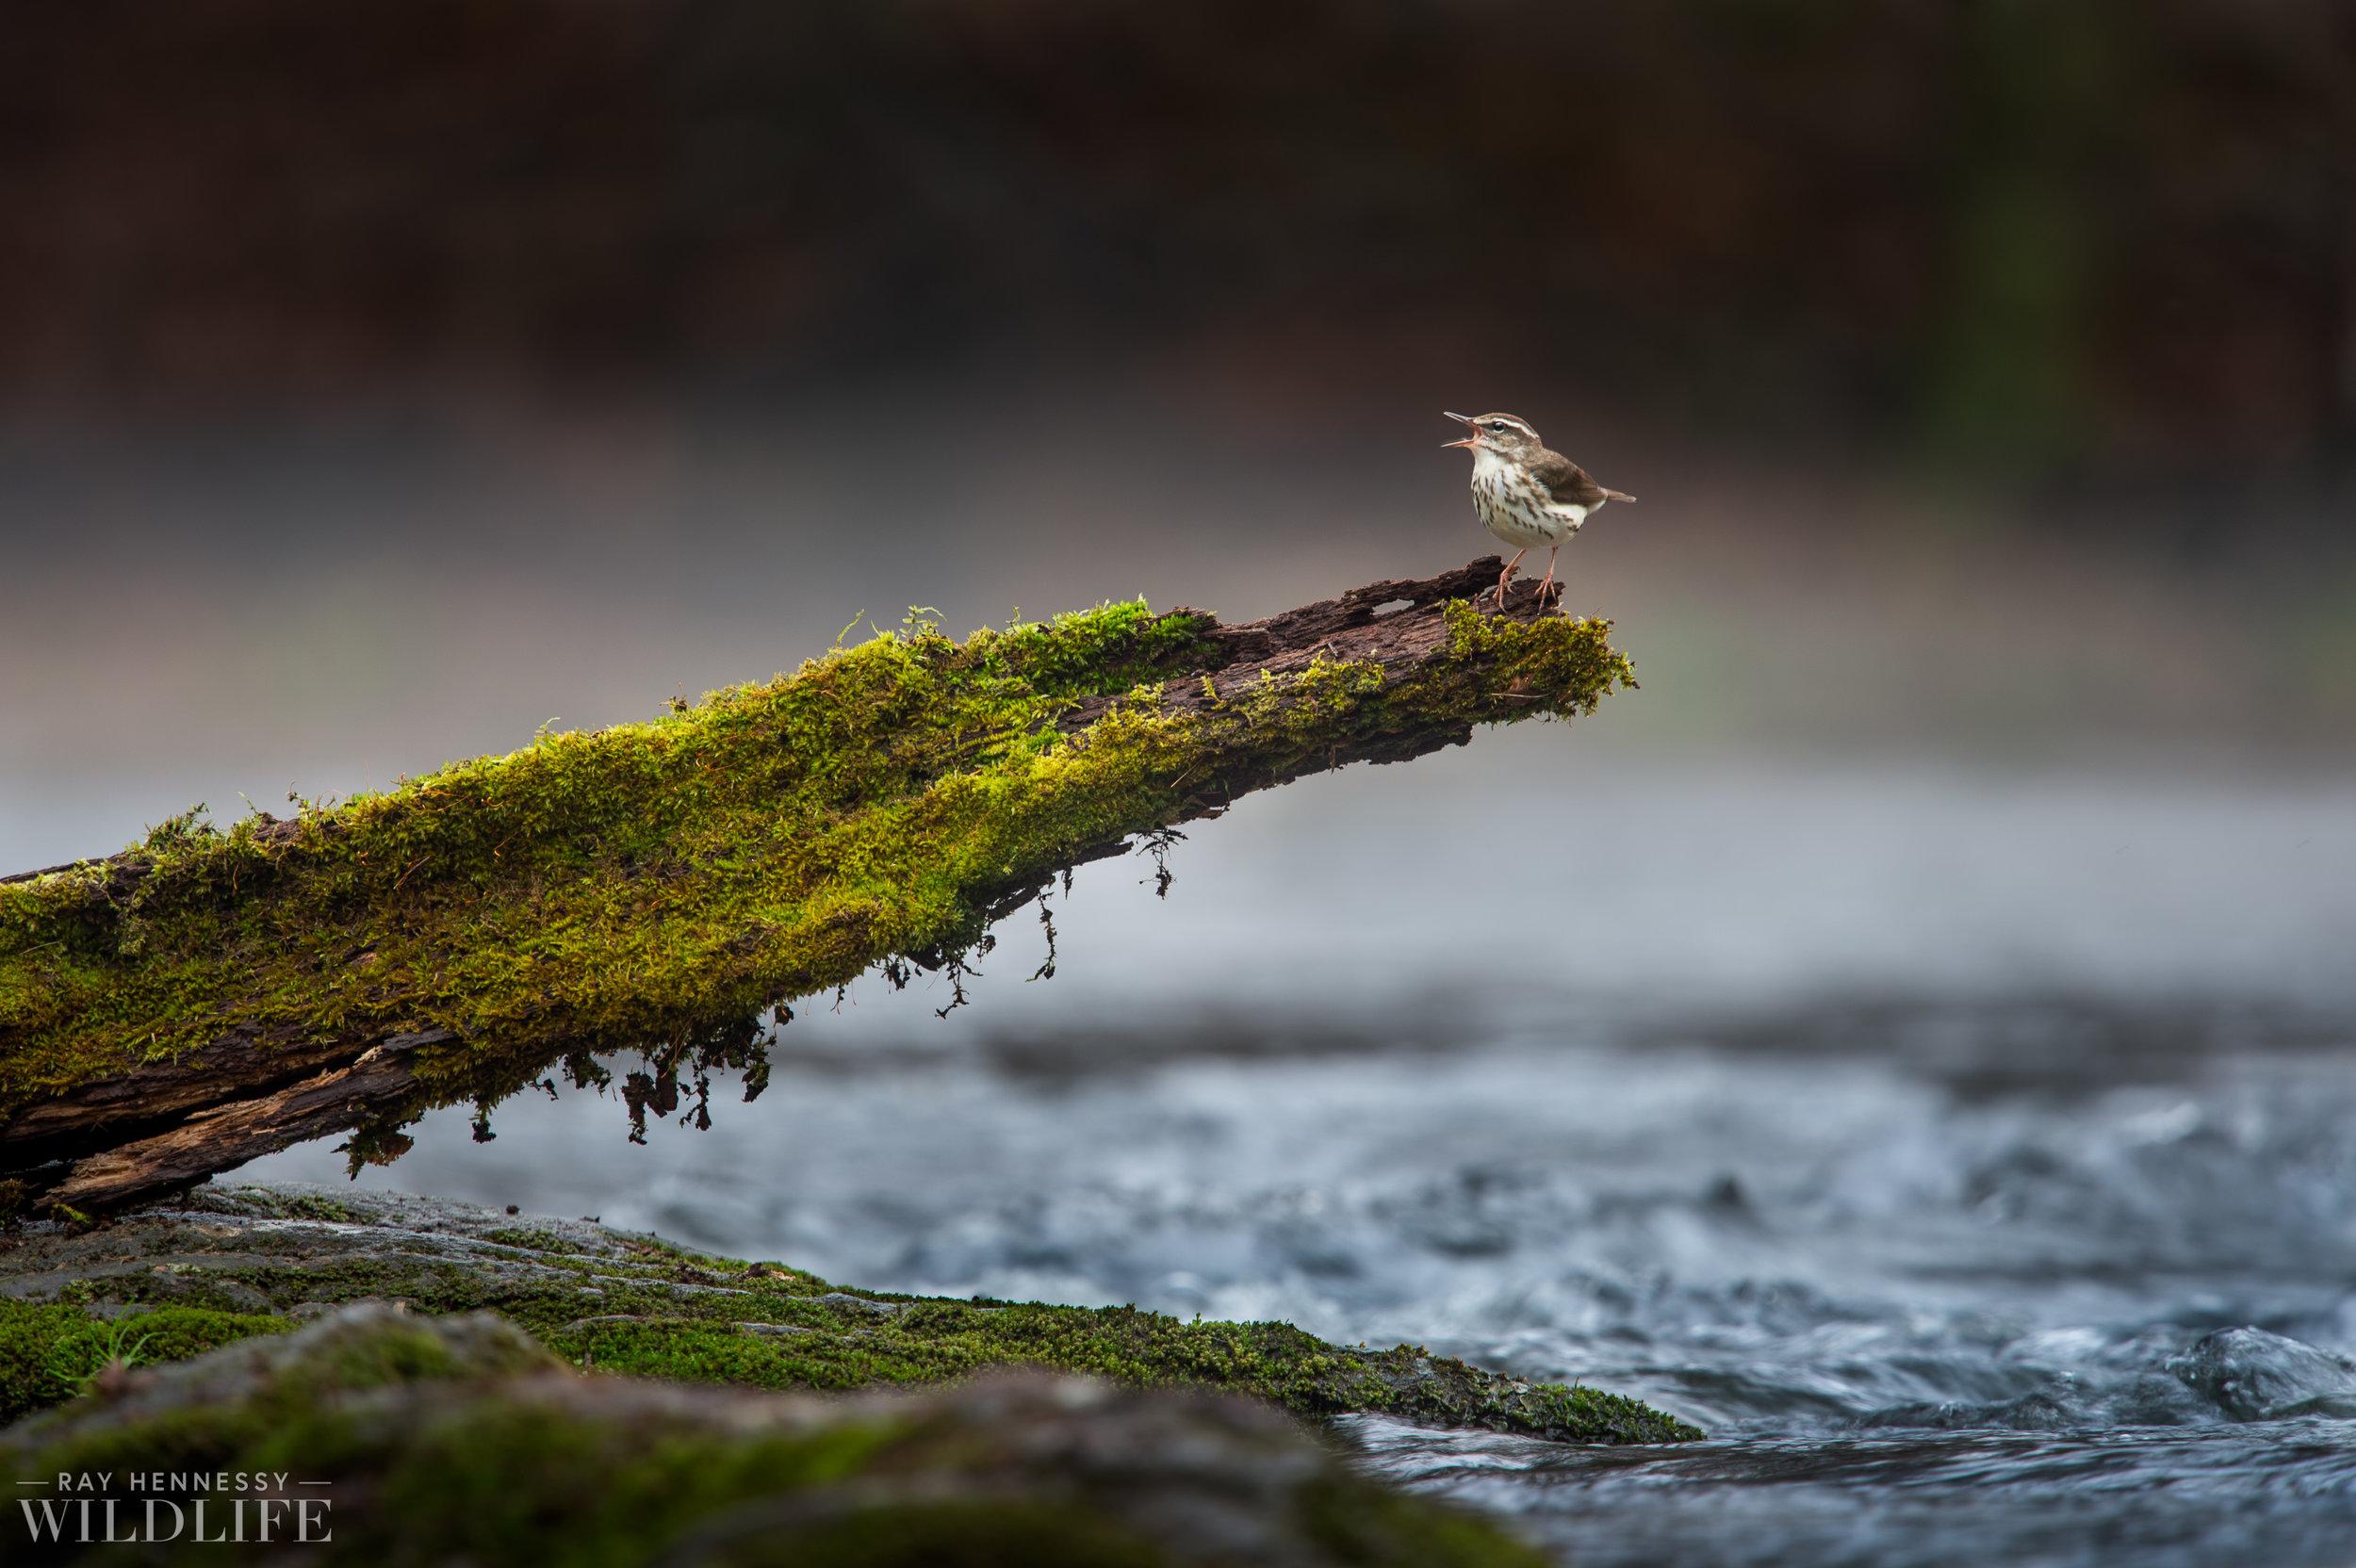 001_louisiana-waterthrush-pine-warbler.jpg